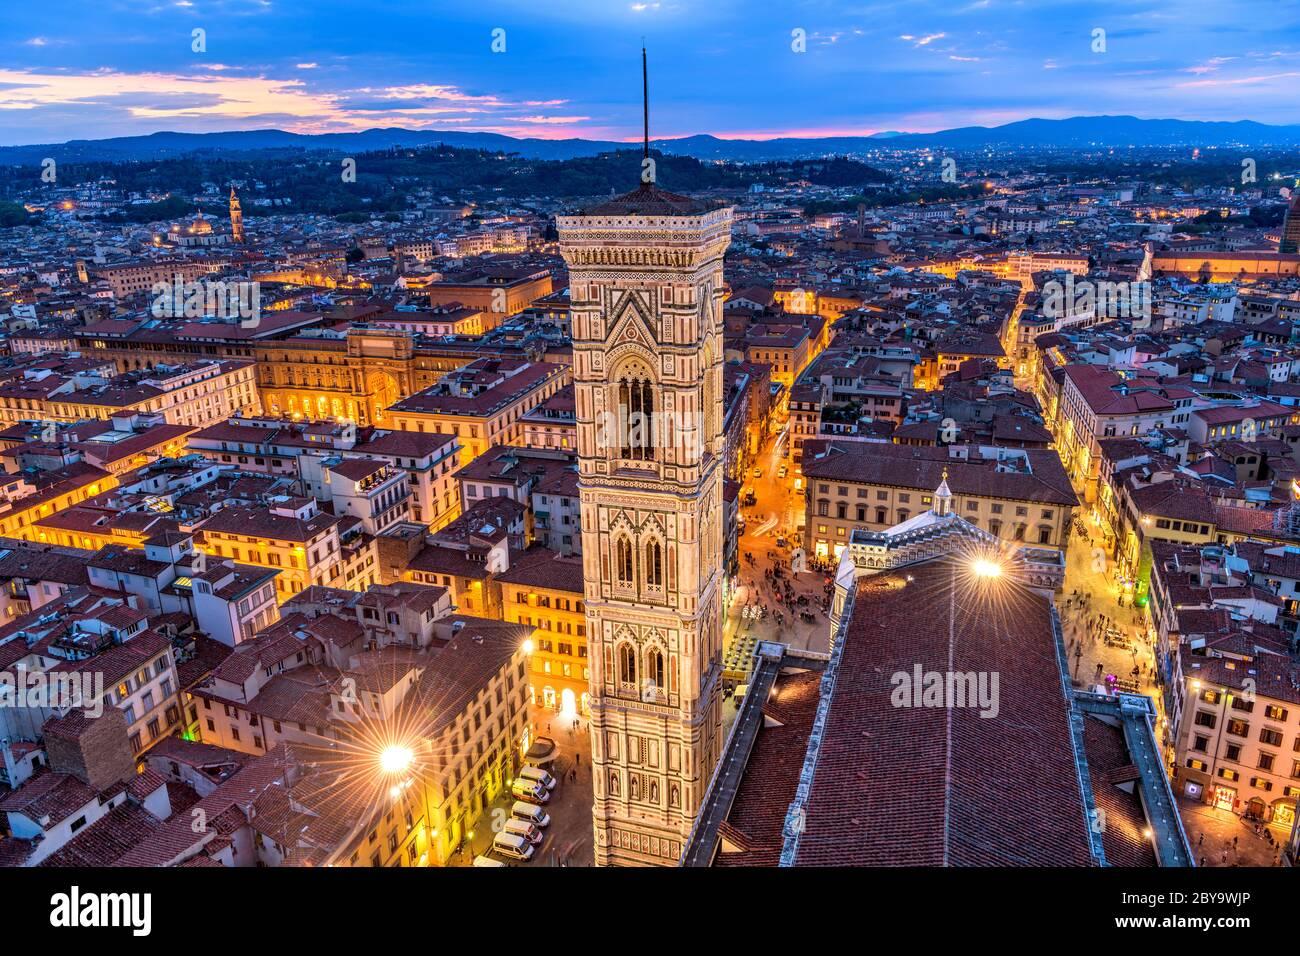 Campanile de Giotto - vue aérienne au crépuscule du Campanile de Giotto et de la vieille ville de Florence, vue depuis le sommet de la cathédrale de Florence de Brunelleschi. Banque D'Images